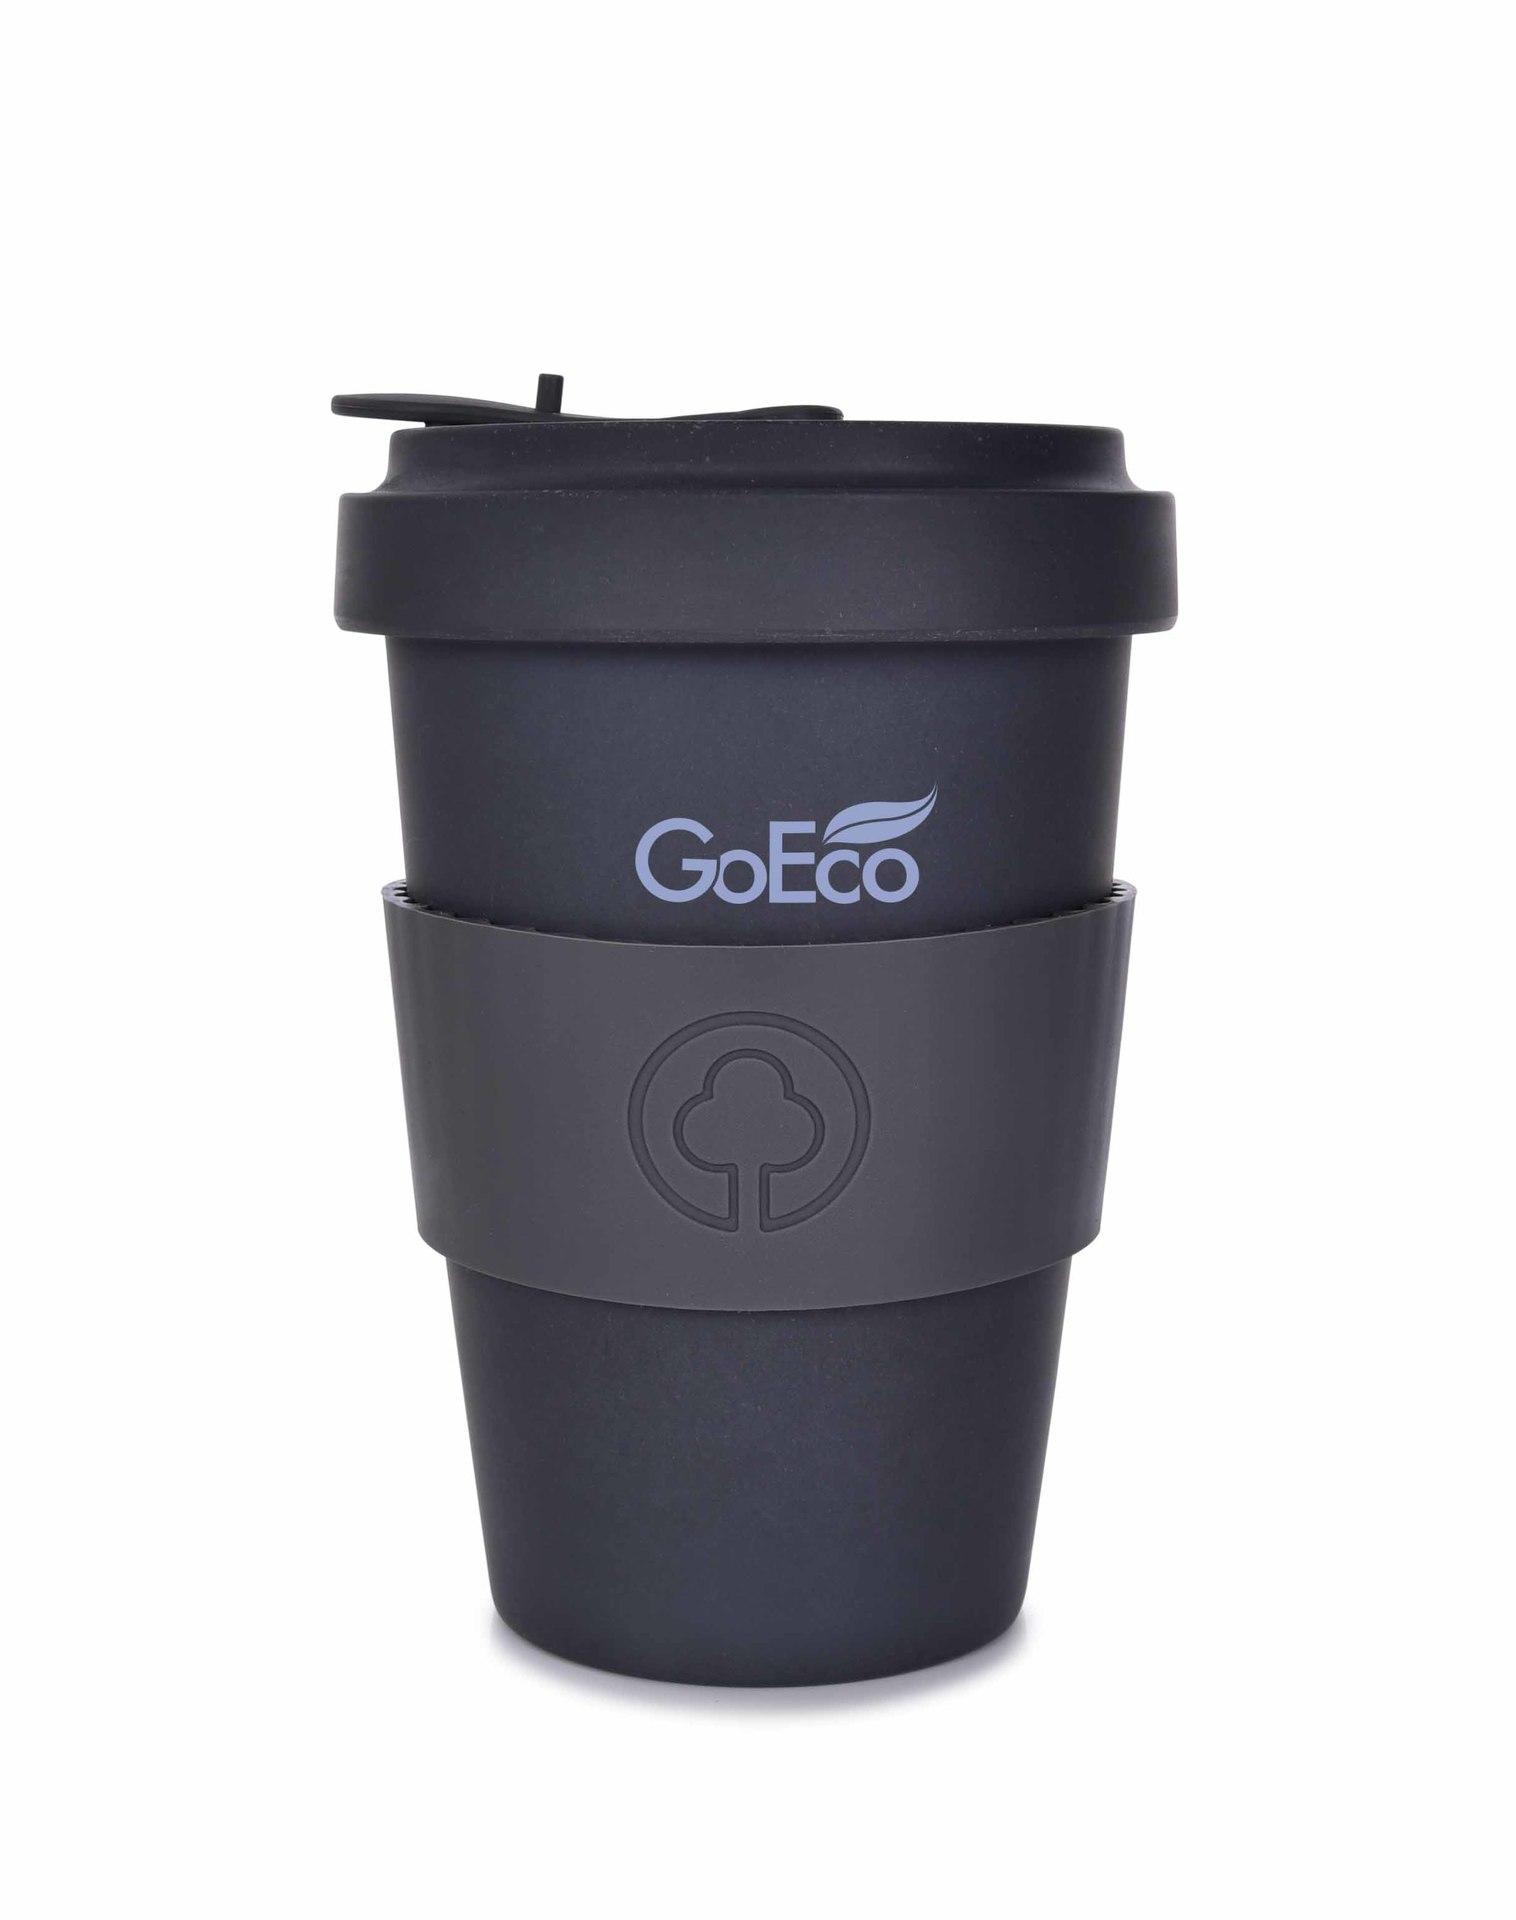 DA25025-XL KELIMERO® GoEco® 500 ml hrnček a skrutkovacie veko z vysokotlakového bambusu